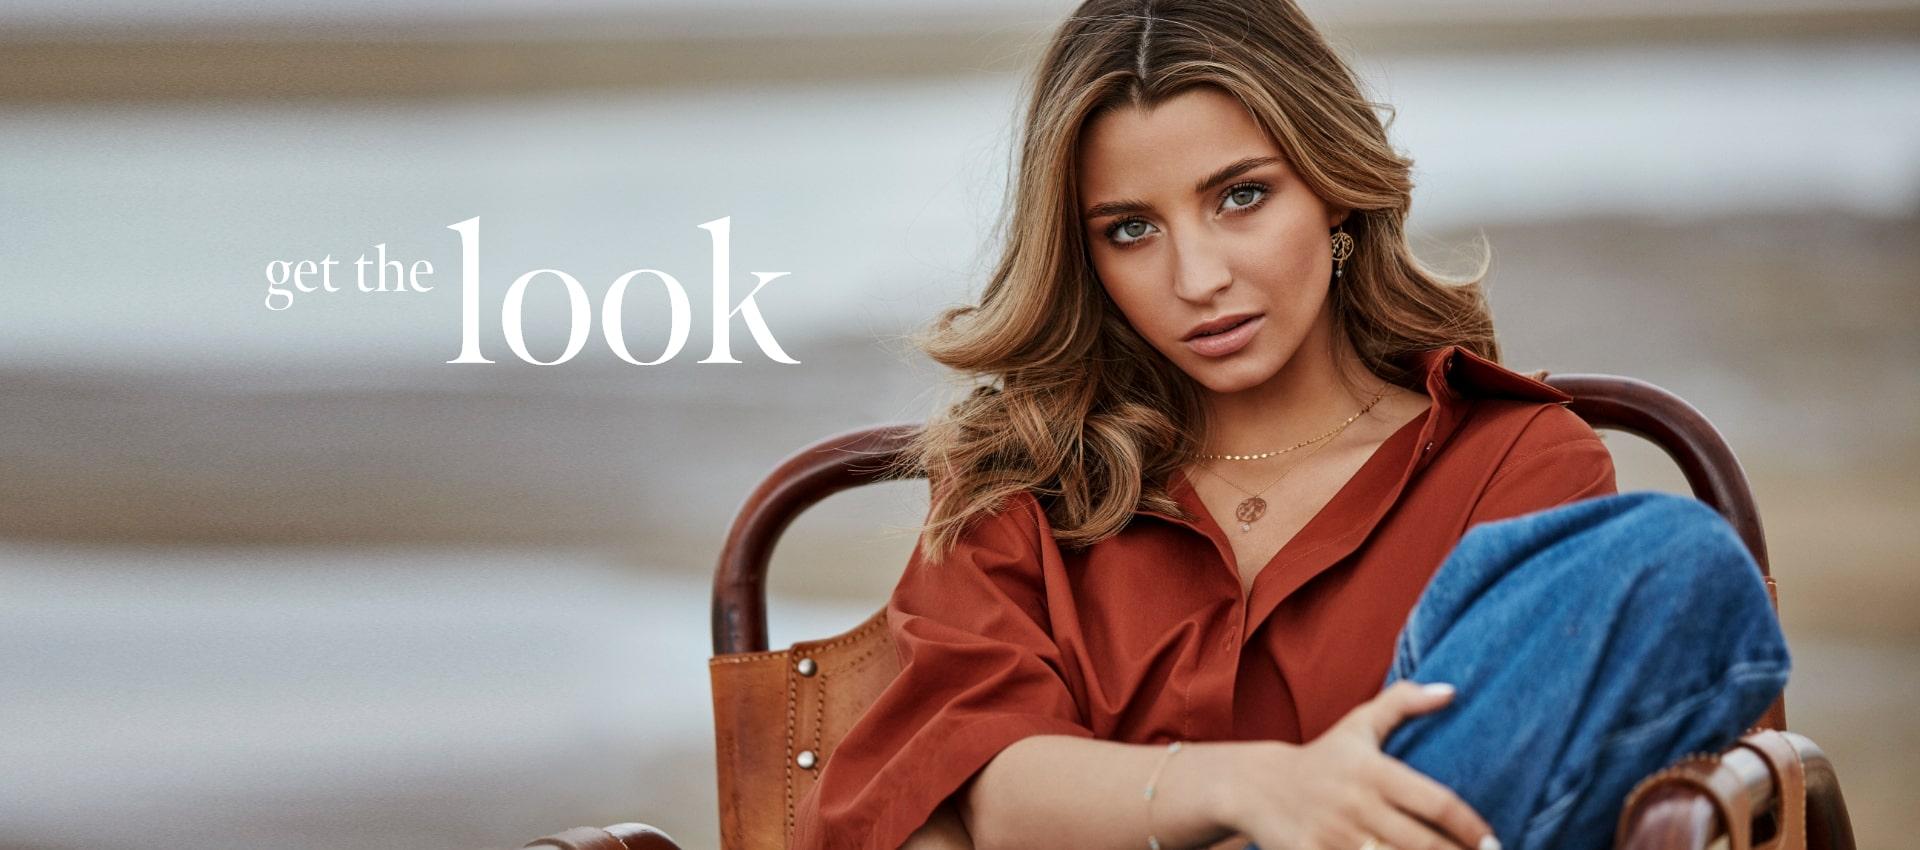 Julia Wieniawa - Get the look